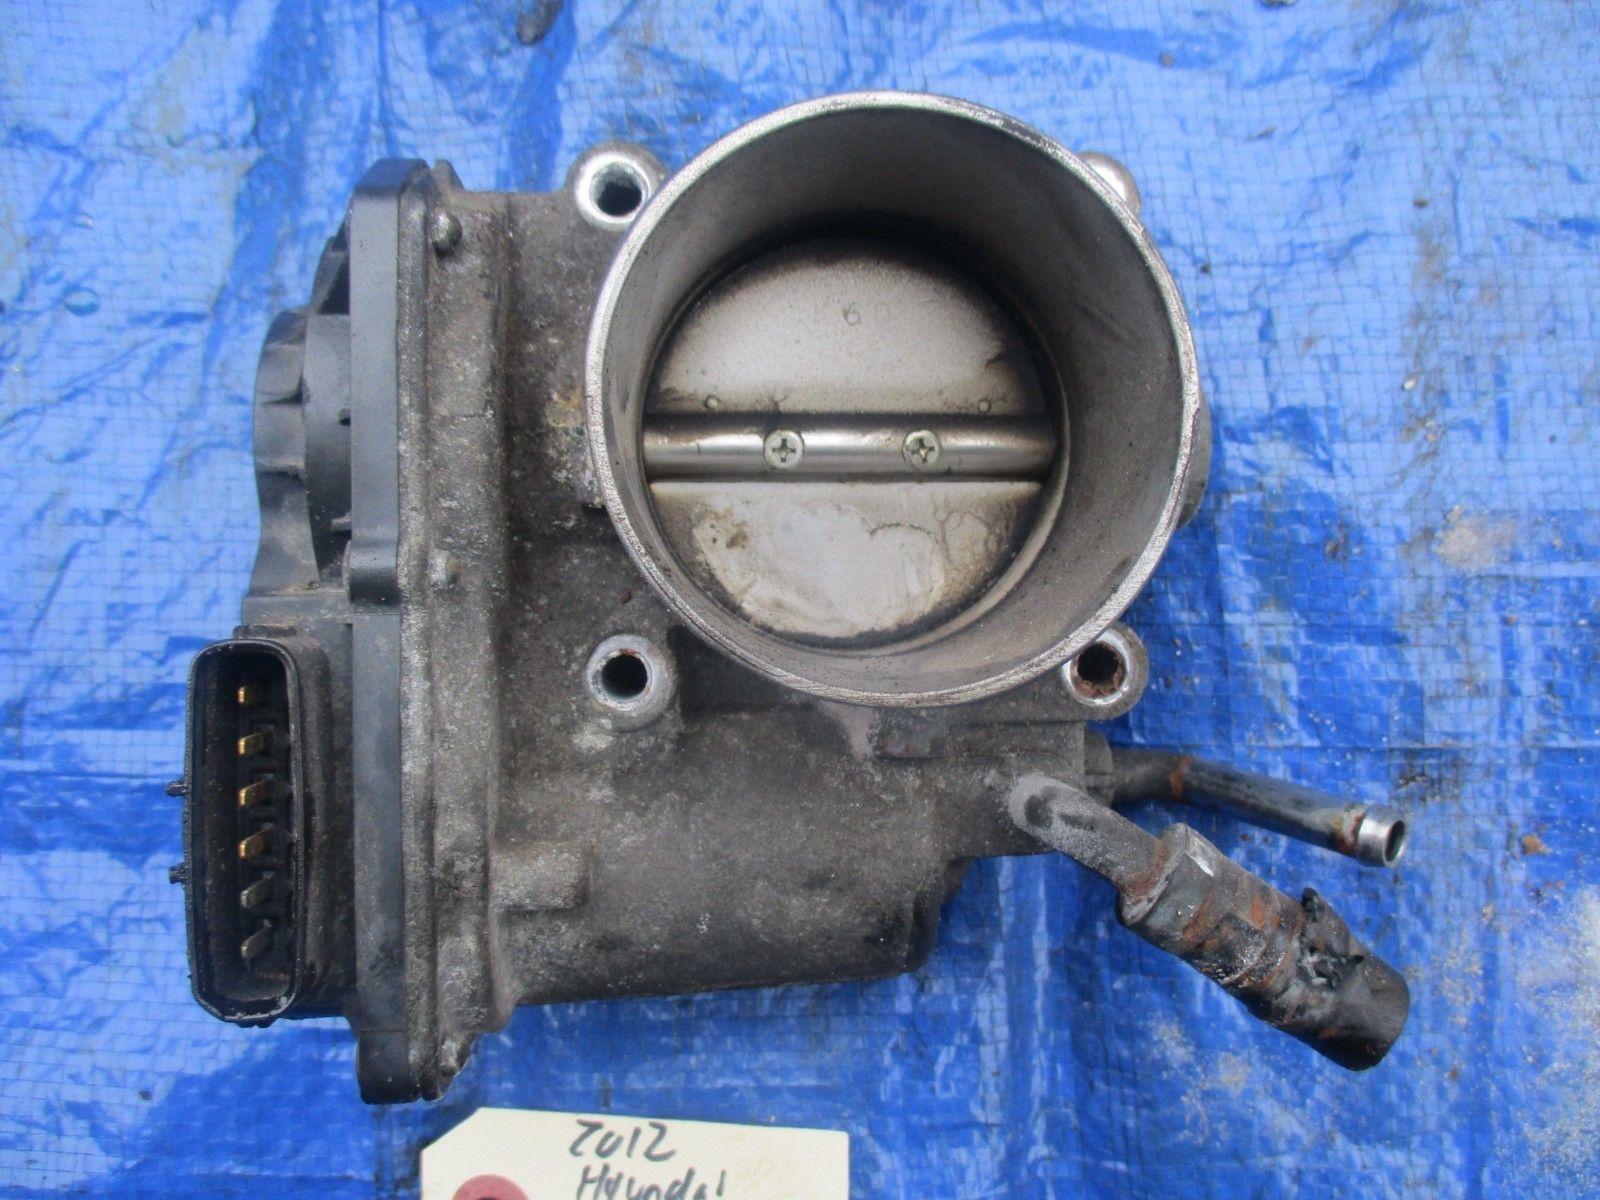 2012 Hyundai Elantra 1.8 NU10 throttle body assembly engine motor OEM electronic image 2